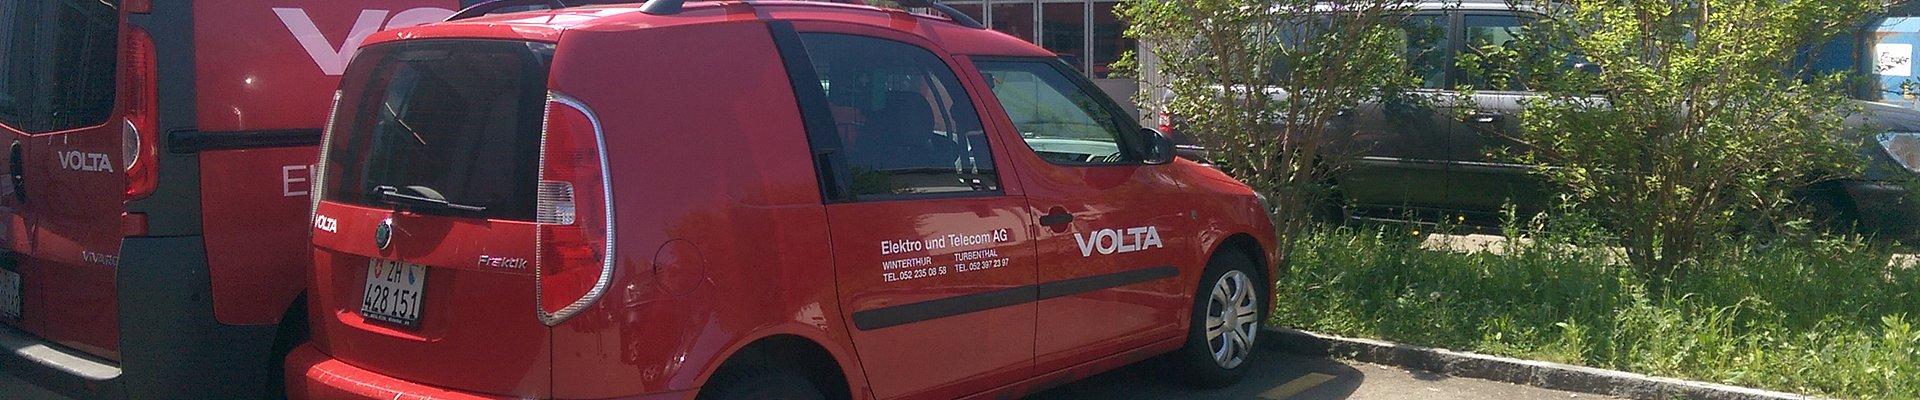 VOLTA Elektro und Telecom AG